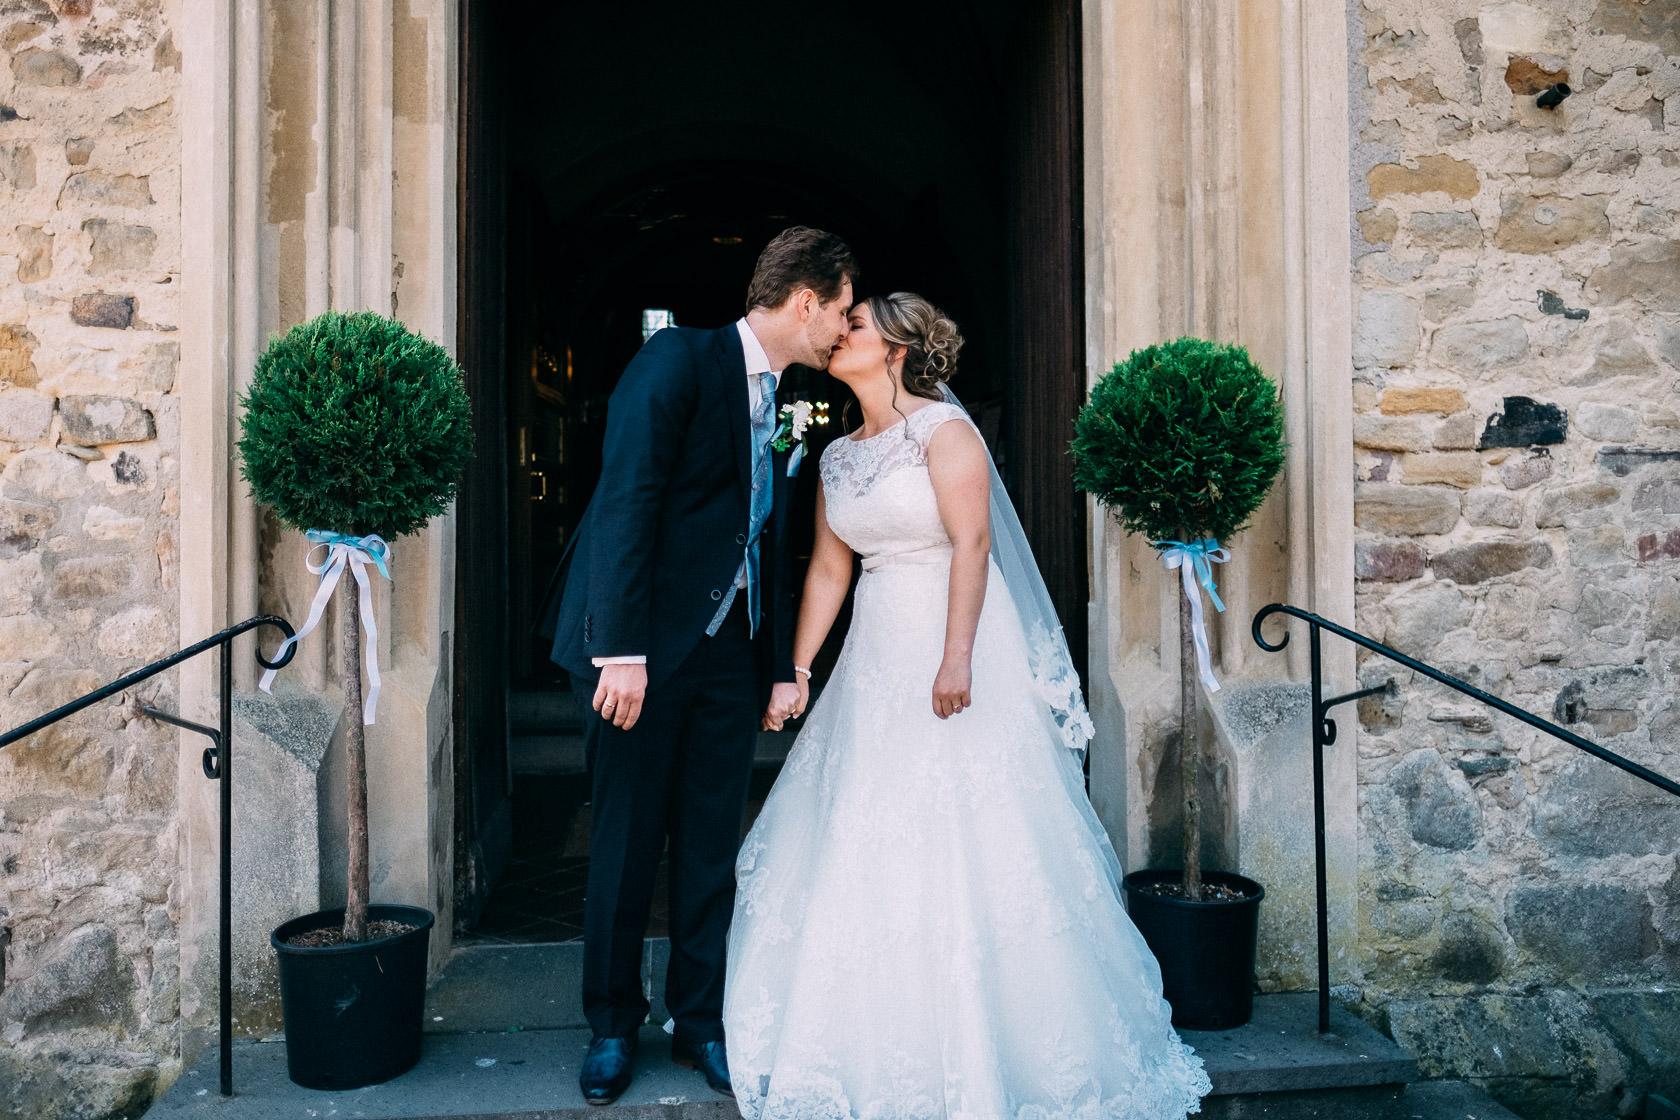 Blauweiße Hochzeit in Bad Kreuznach Auszug des Brautpaars nach der Hochzeit Gratulation durch die Gäste